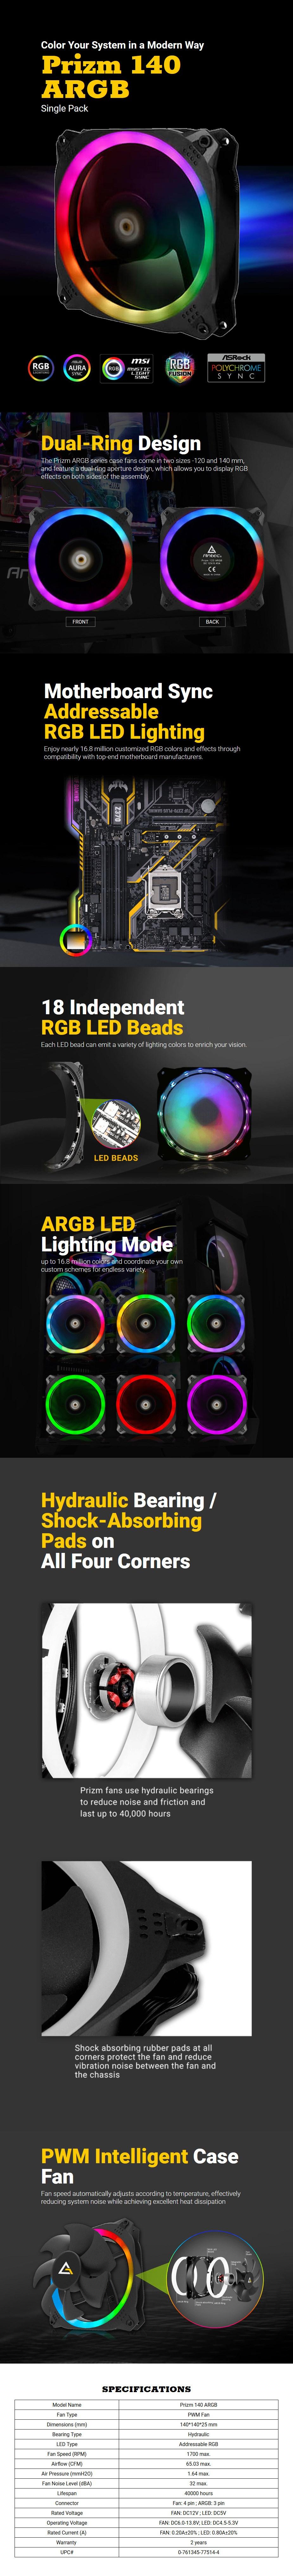 Antec Prizm 140 ARGB PWM Case Fan - Desktop Overview 1